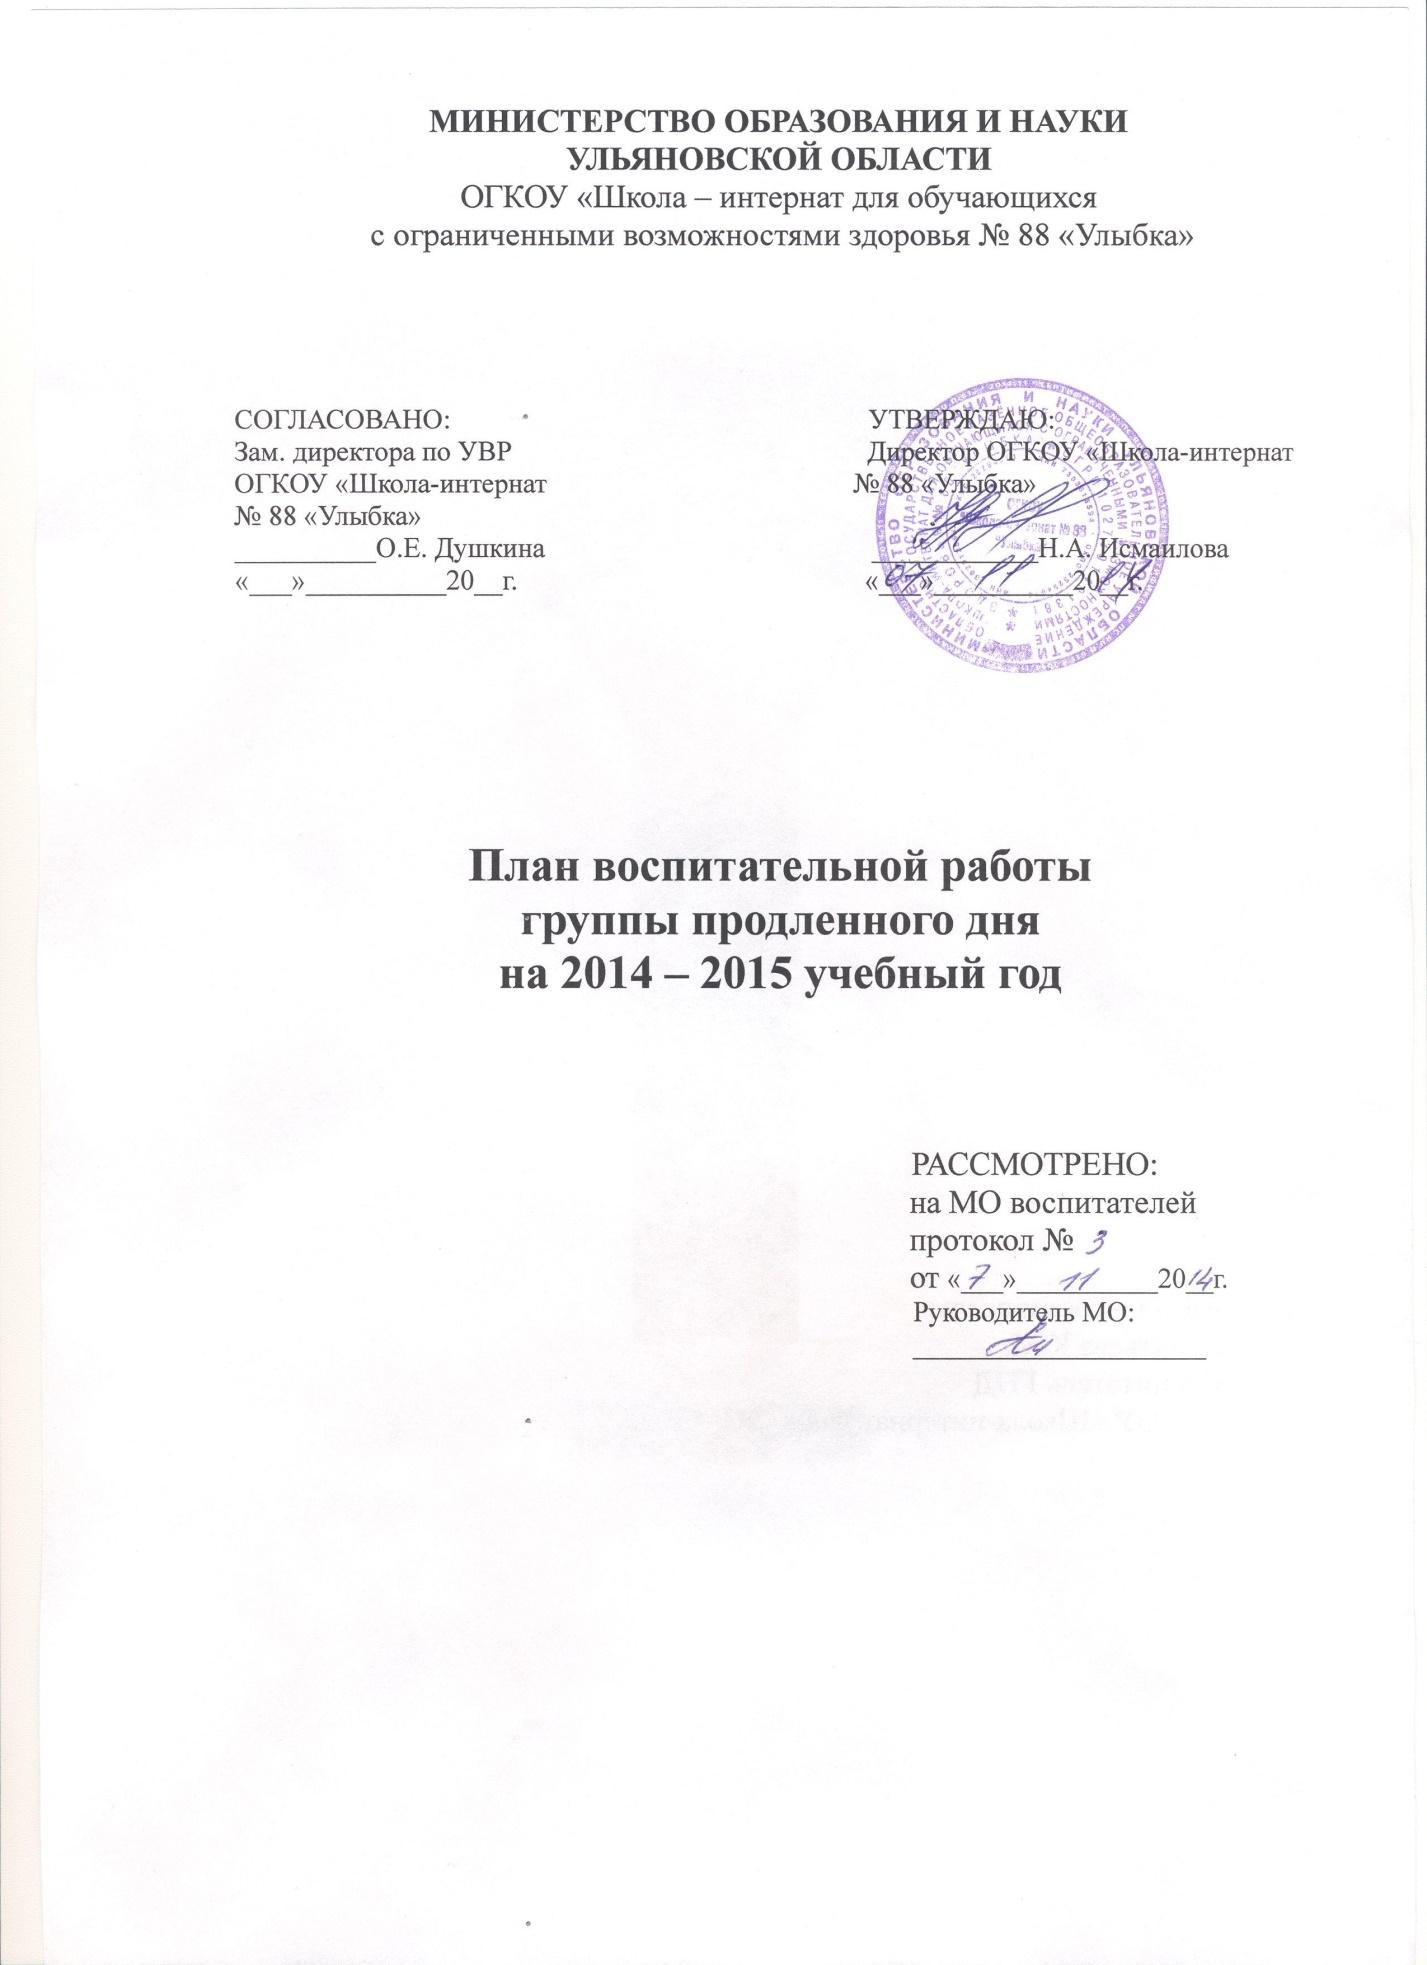 F:\2015-2016\ПЛАН ВОСПИТАТЕЛЬНОЙ РАБОТЫ\2.jpg